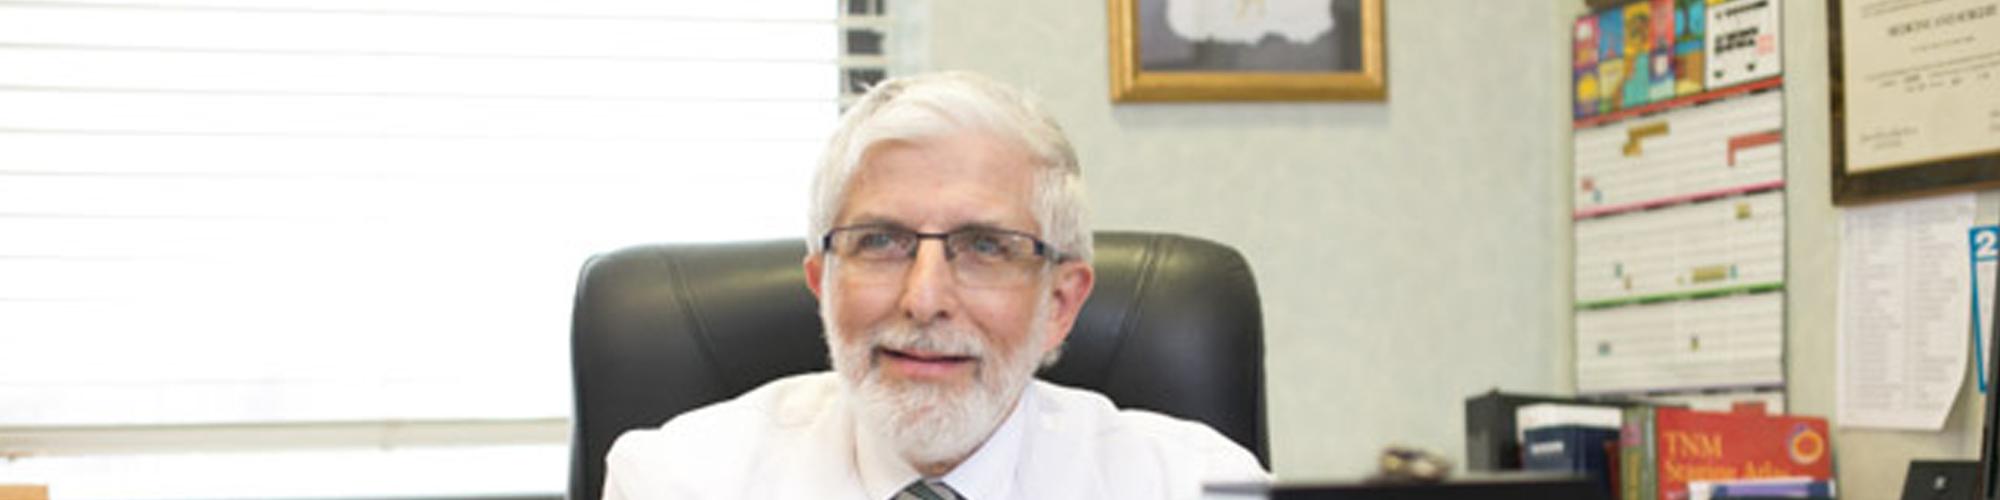 Hematology Oncology | Dr  Bashevkin - Brooklyn, NY